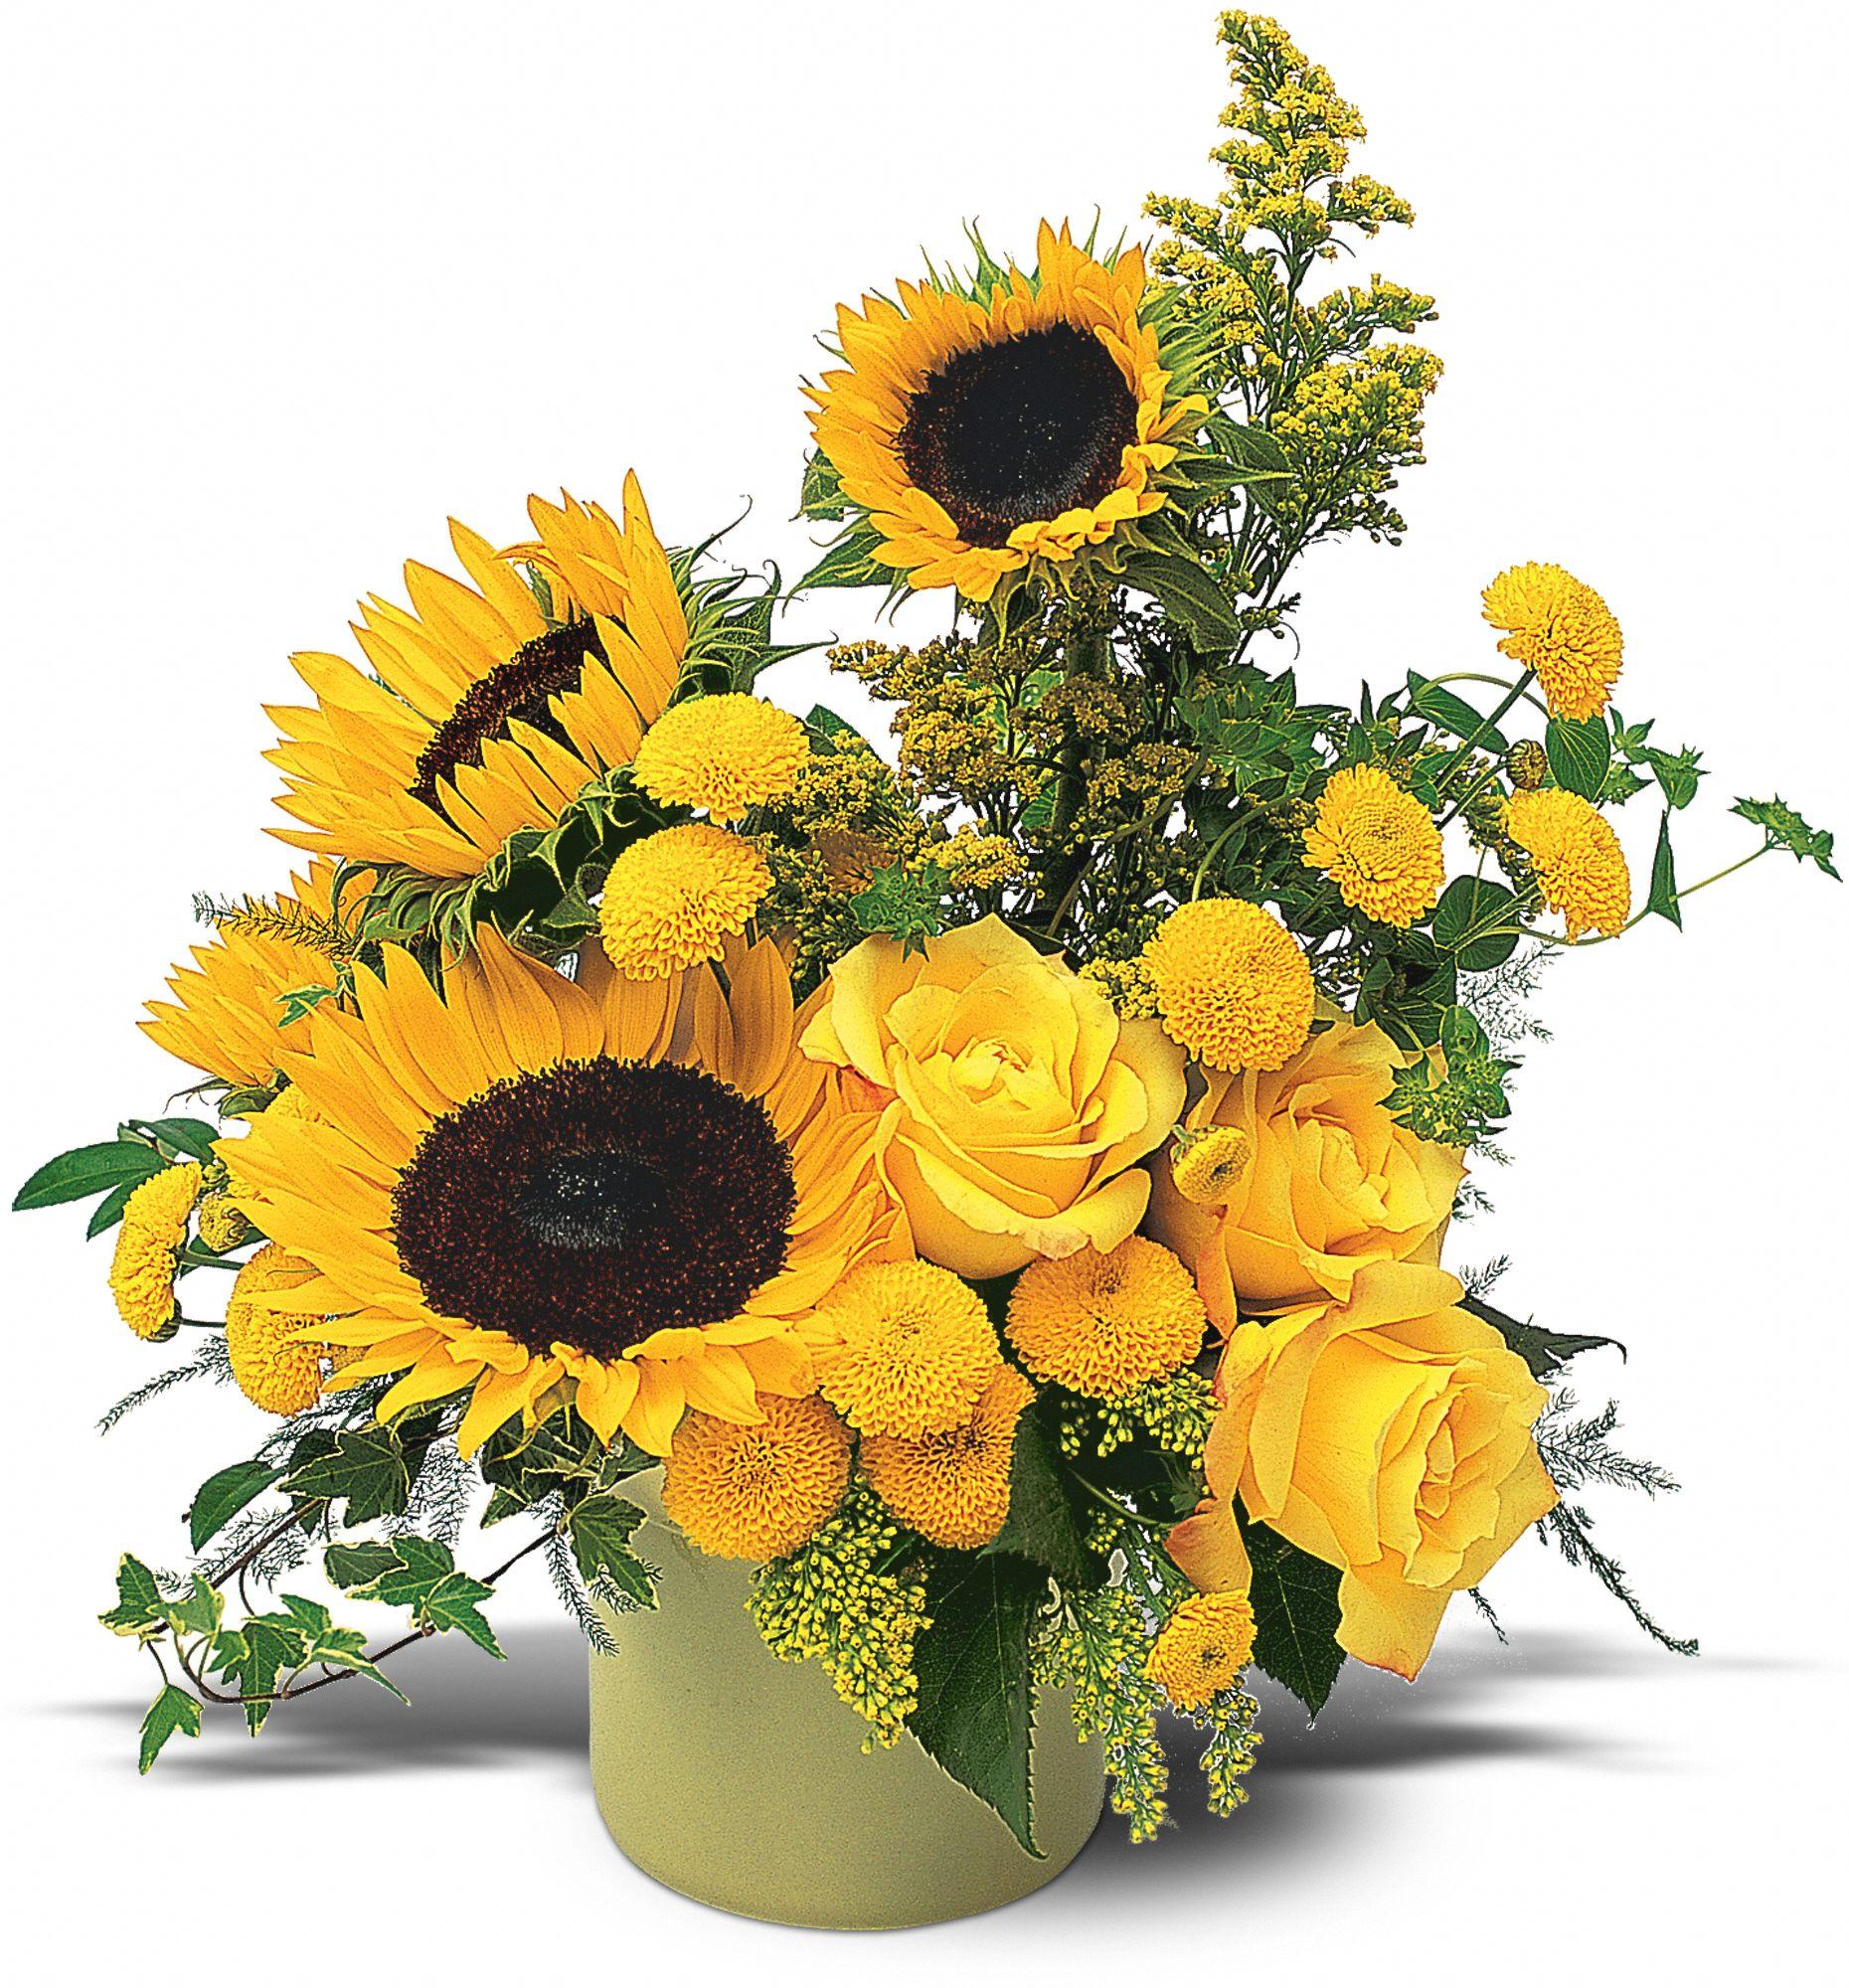 A Pot of Sunflowers